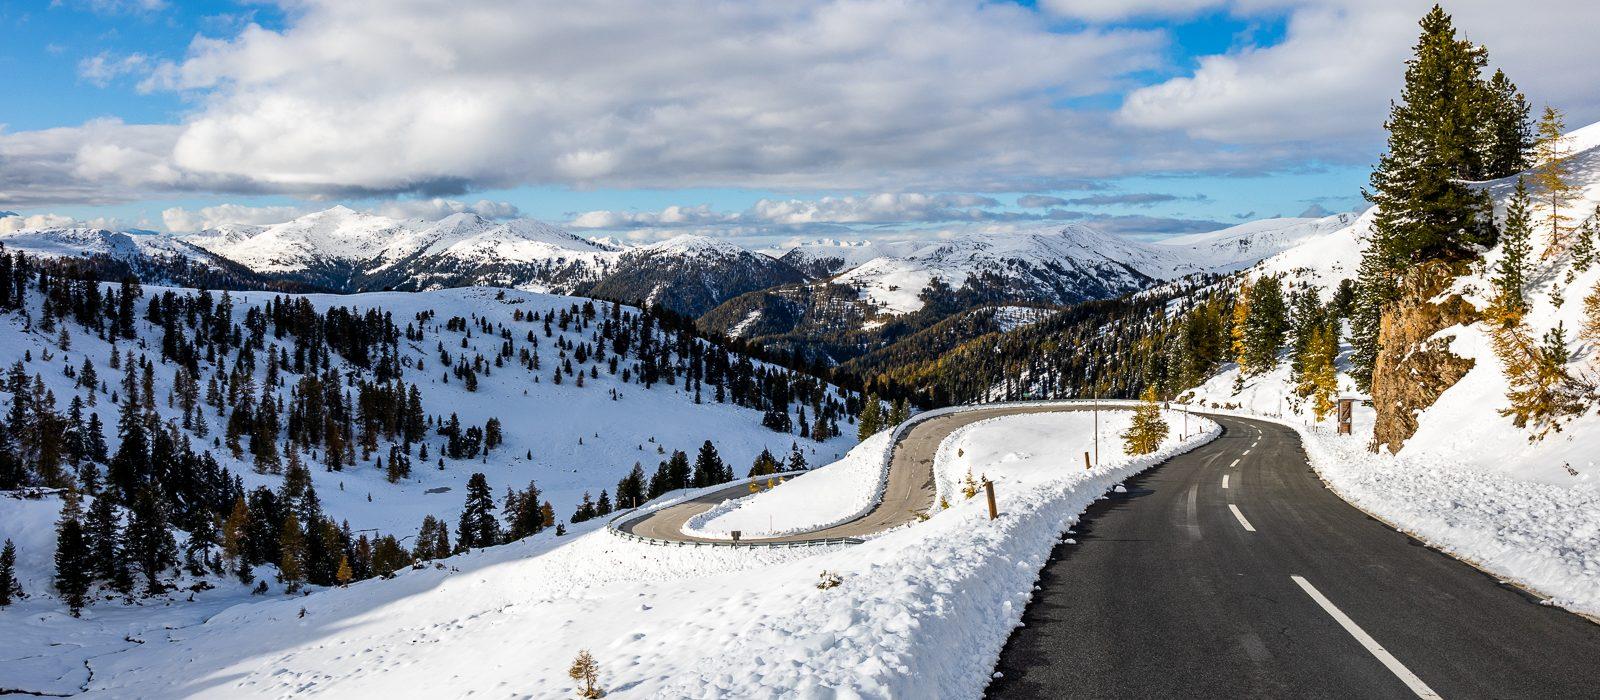 Straße meandert abwärts, im Hintergrund tolle Berge, blauer Himmel und stimmungsvolle Wolken